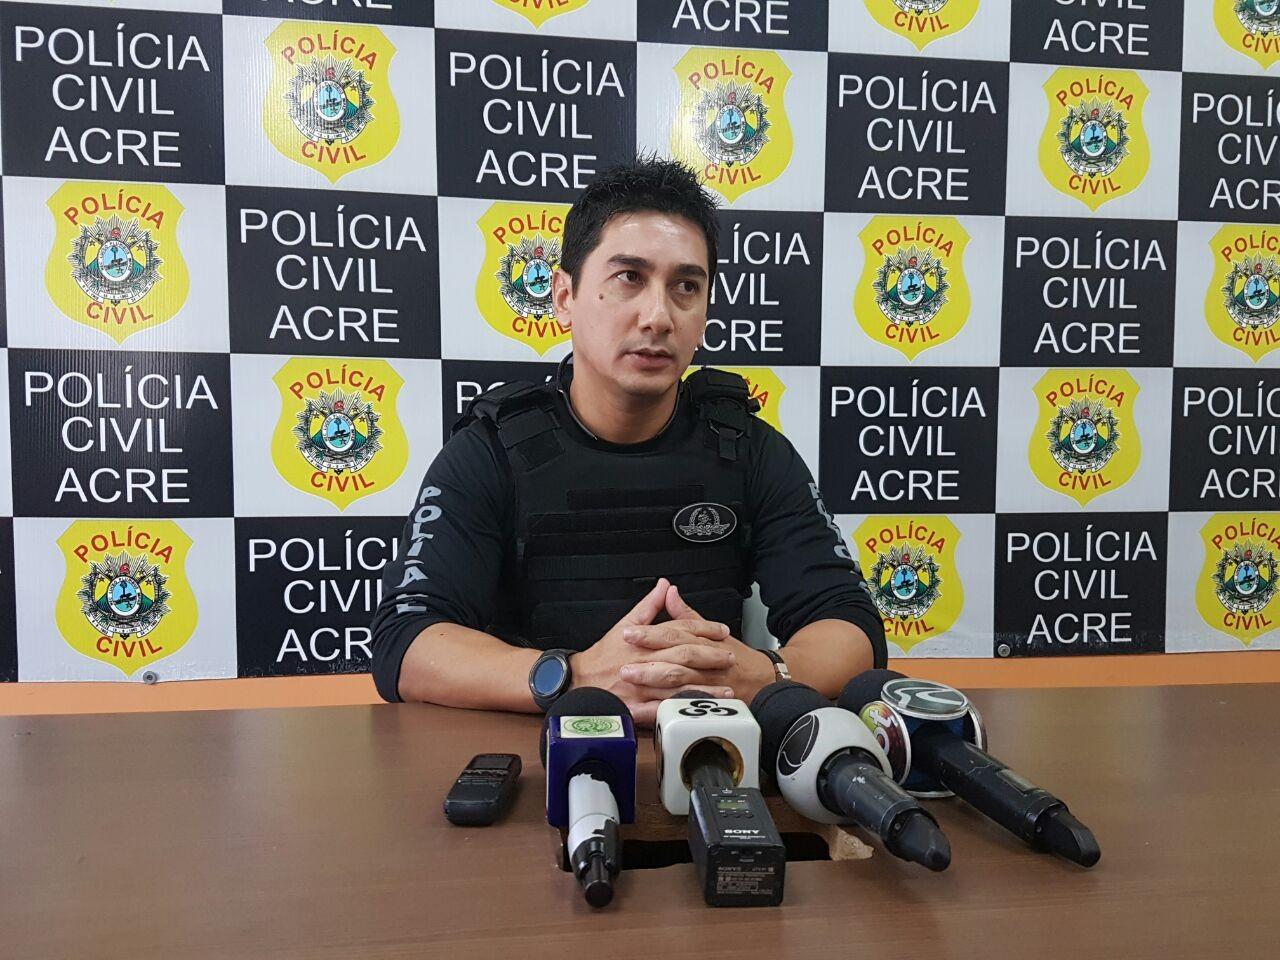 Delegado diz que adolescente apreendido em operação é responsável por vários crimes em Cruzeiro do Sul